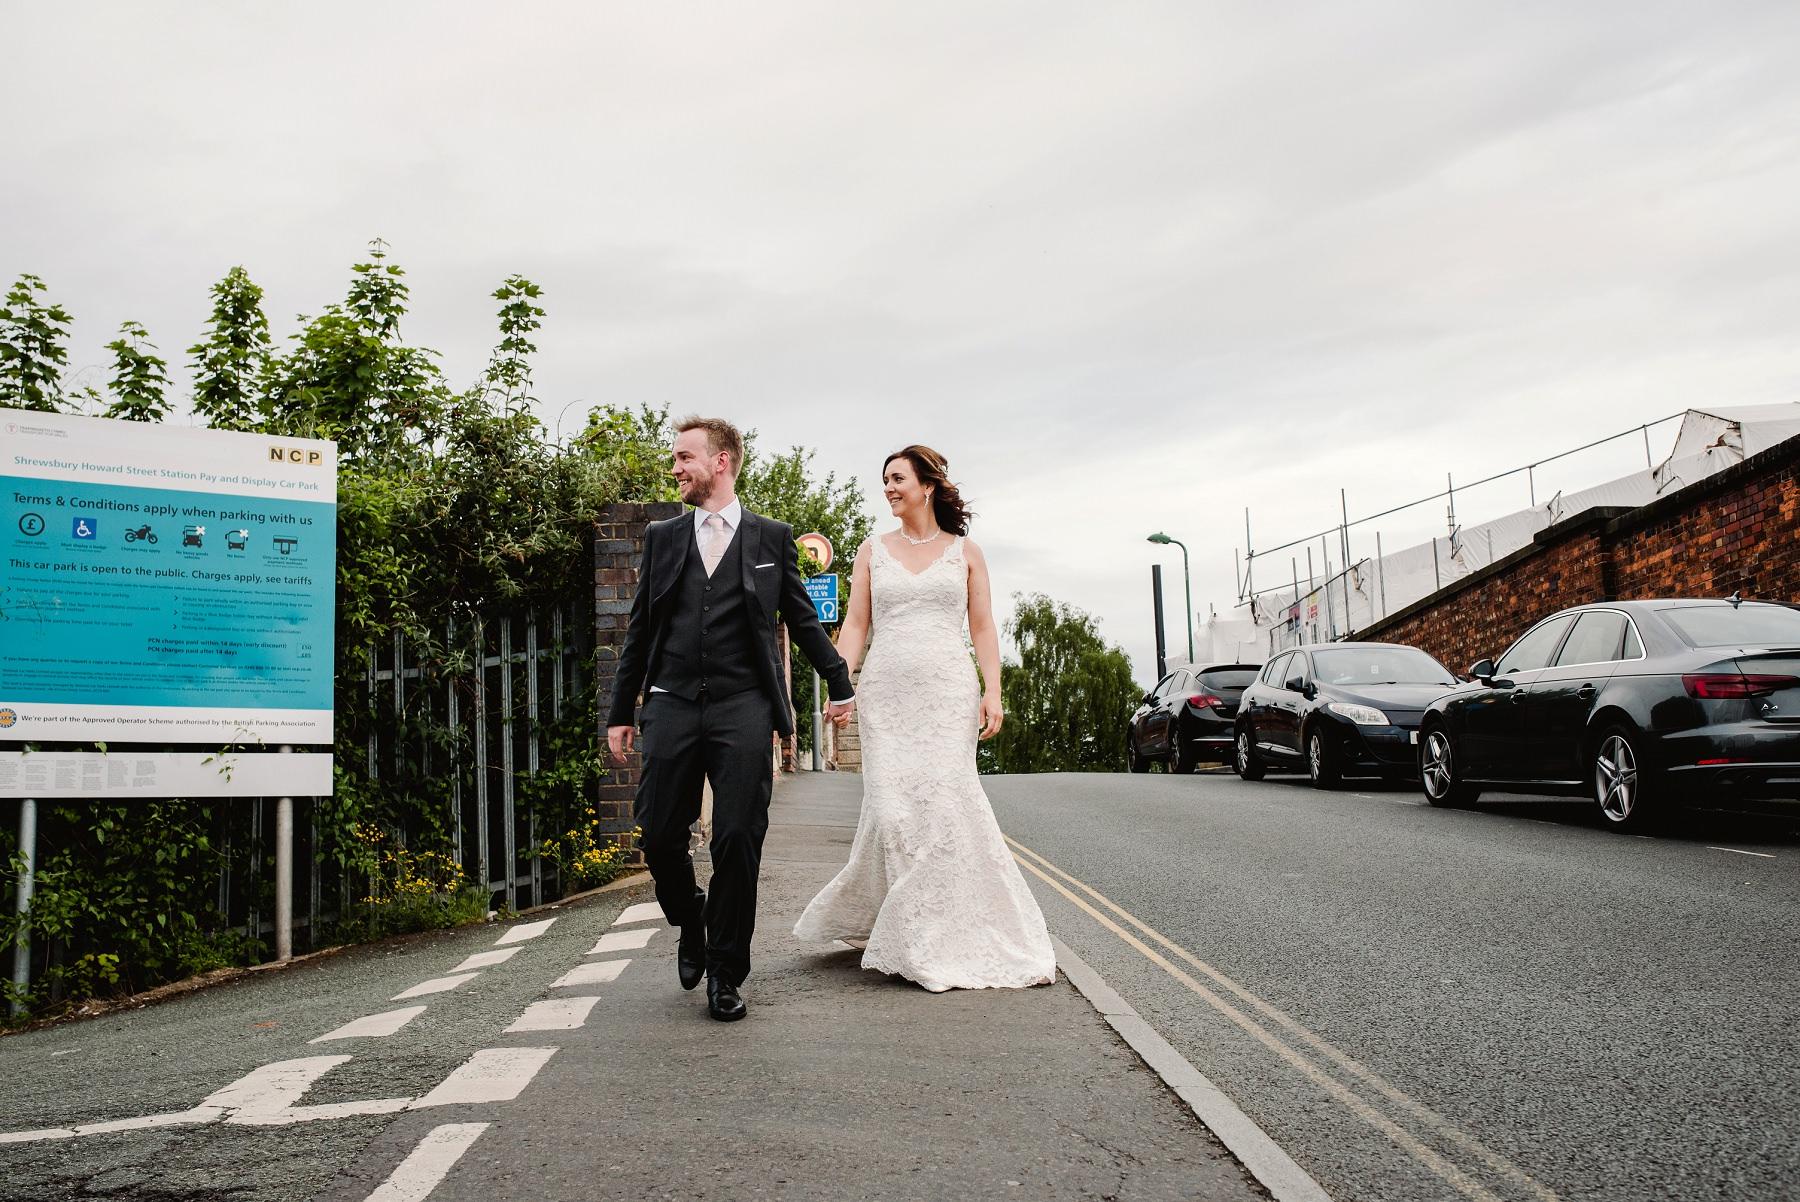 emma_steffan_wedding_buttermarket_0131.jpg